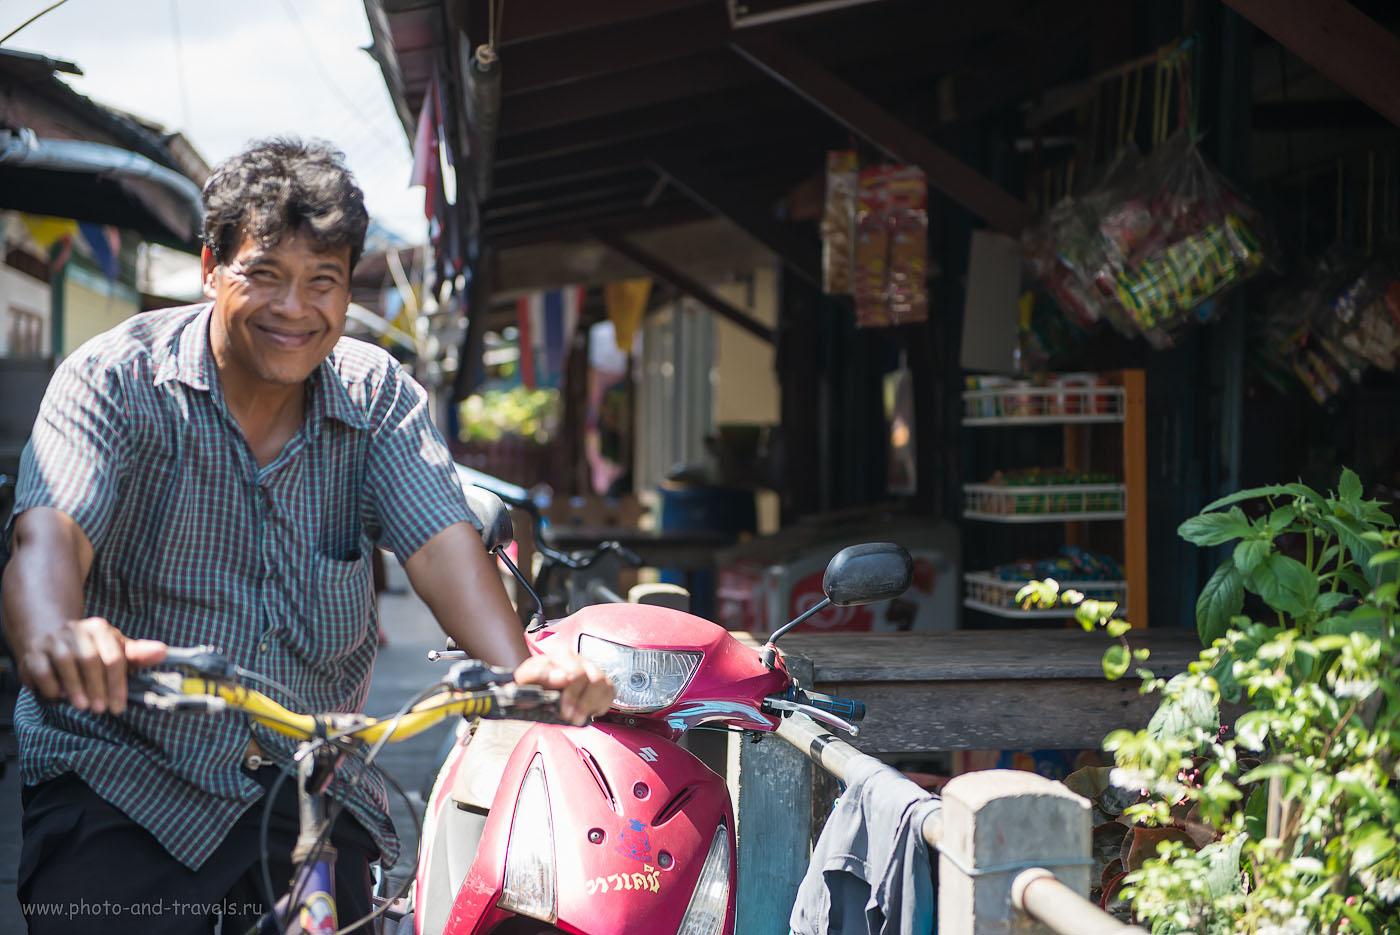 Фото 21. Не резкий, но позитивный человек. Интересные места Таиланда. Рыбацкая деревня около города Чумпхон (320, 70, 2.8, 1/500)